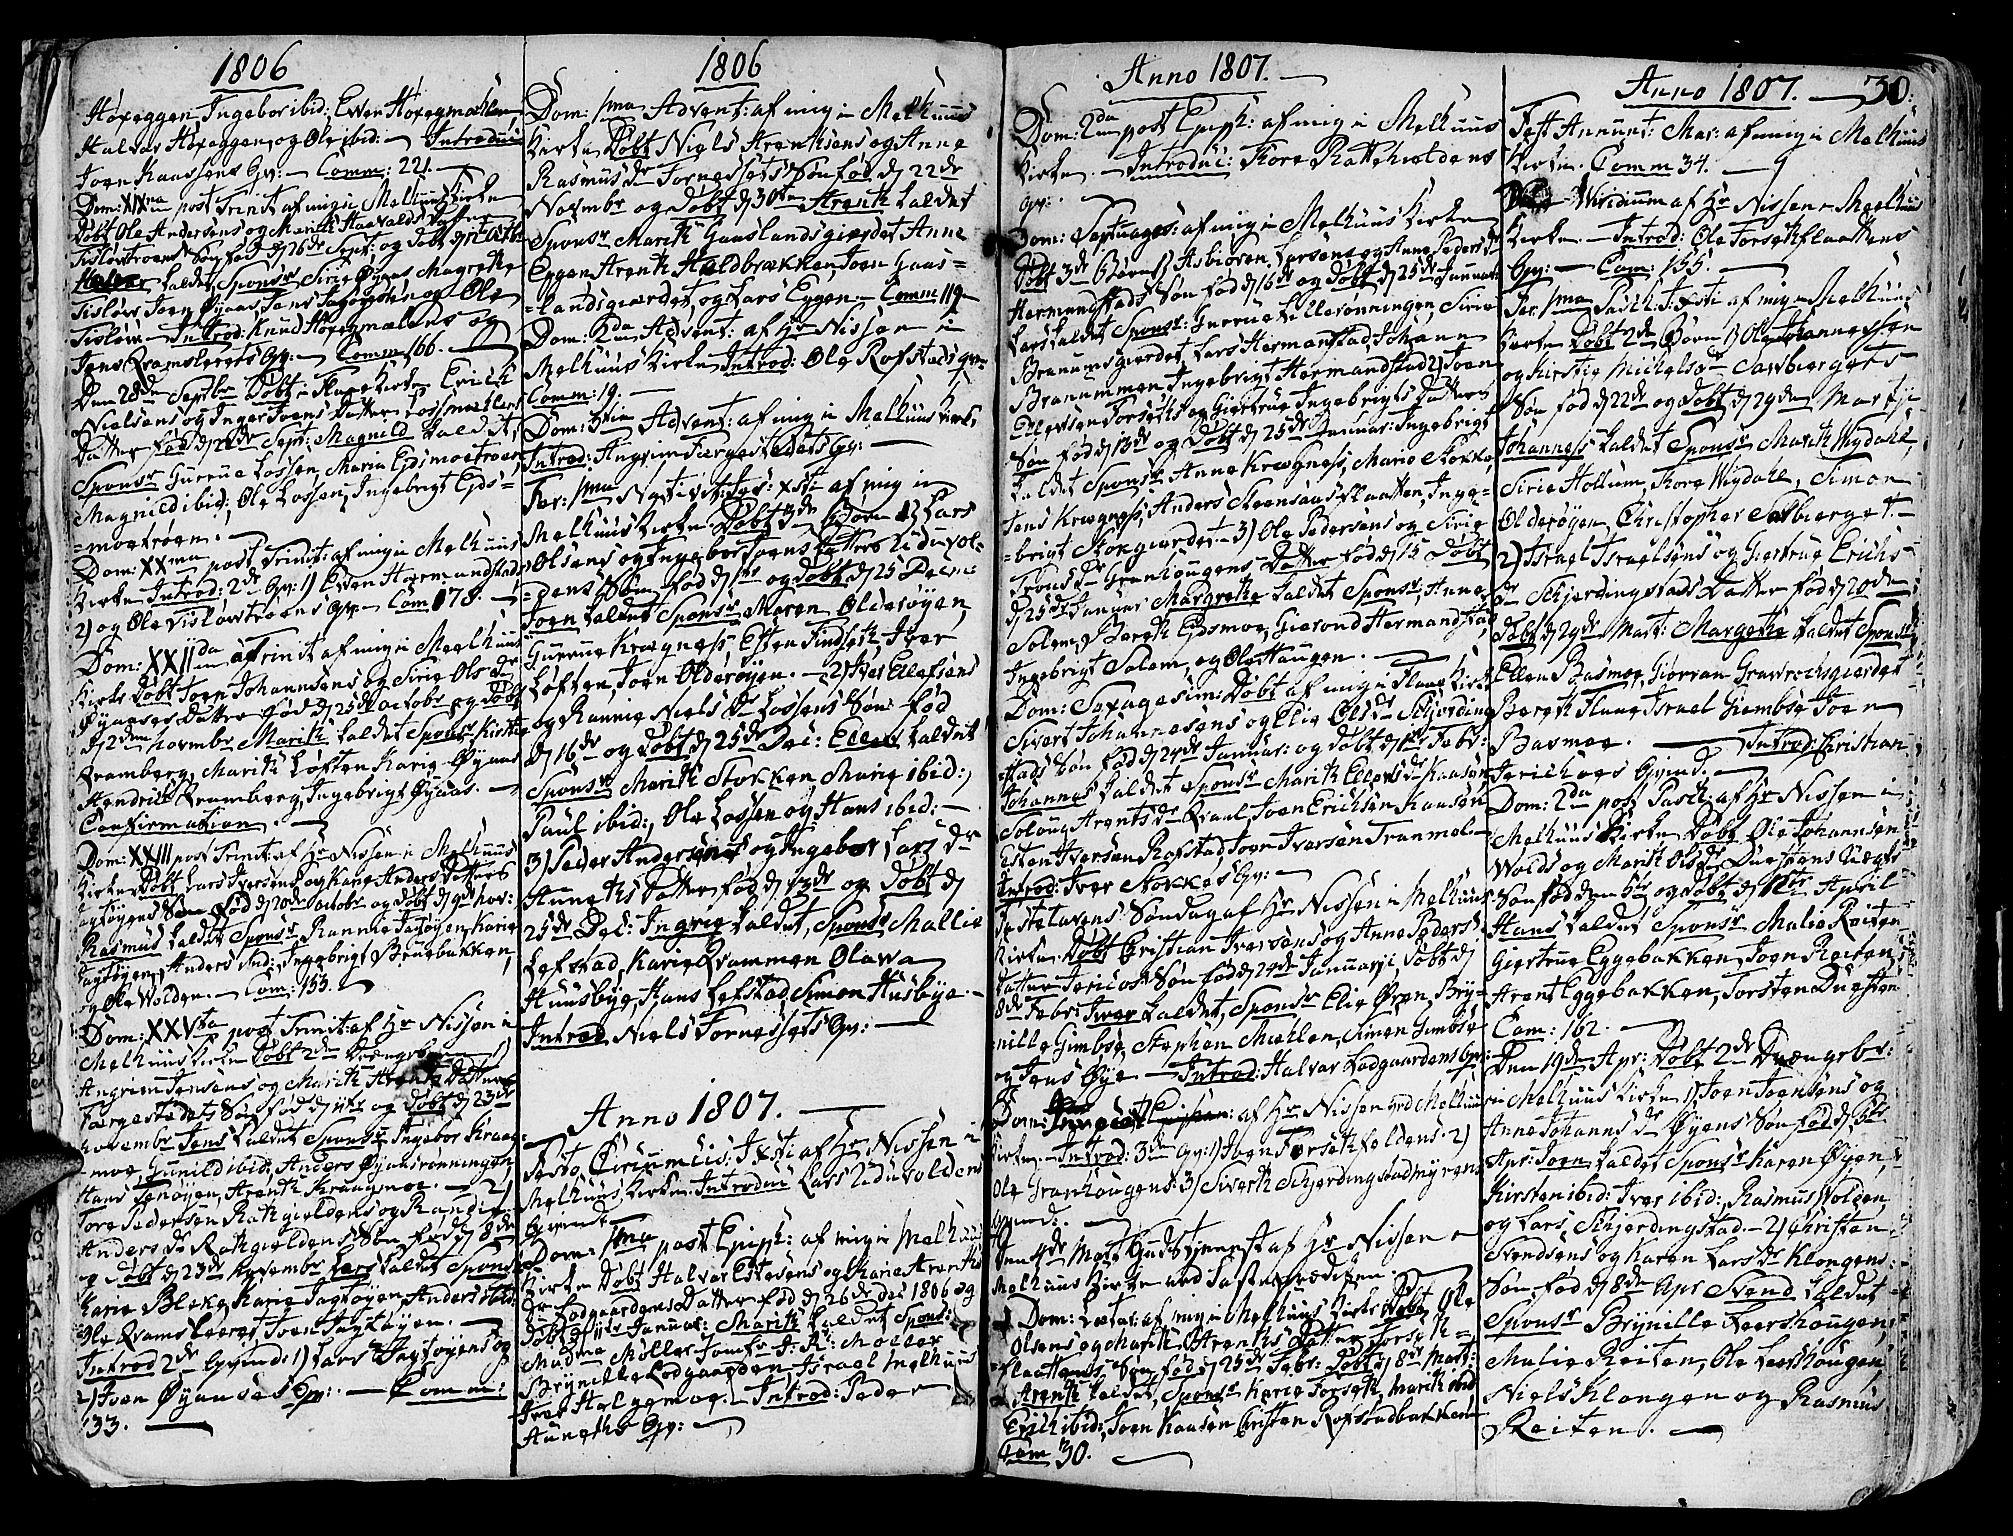 SAT, Ministerialprotokoller, klokkerbøker og fødselsregistre - Sør-Trøndelag, 691/L1061: Ministerialbok nr. 691A02 /1, 1768-1815, s. 30